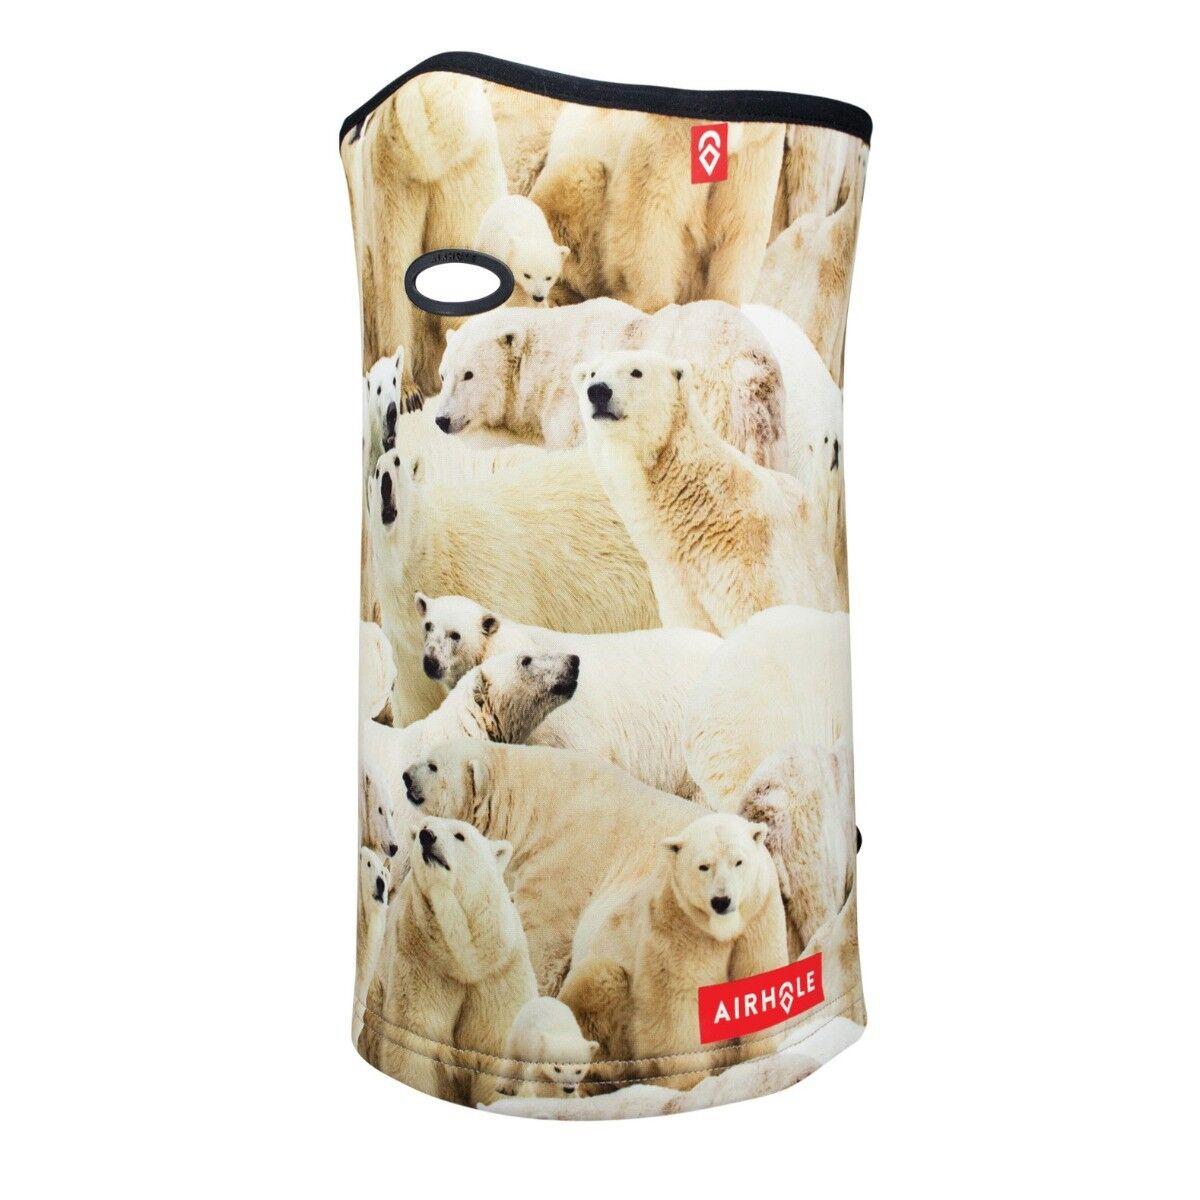 Airhole NEW Unisex Polar Ergo Airtube Polar Bears BNWT